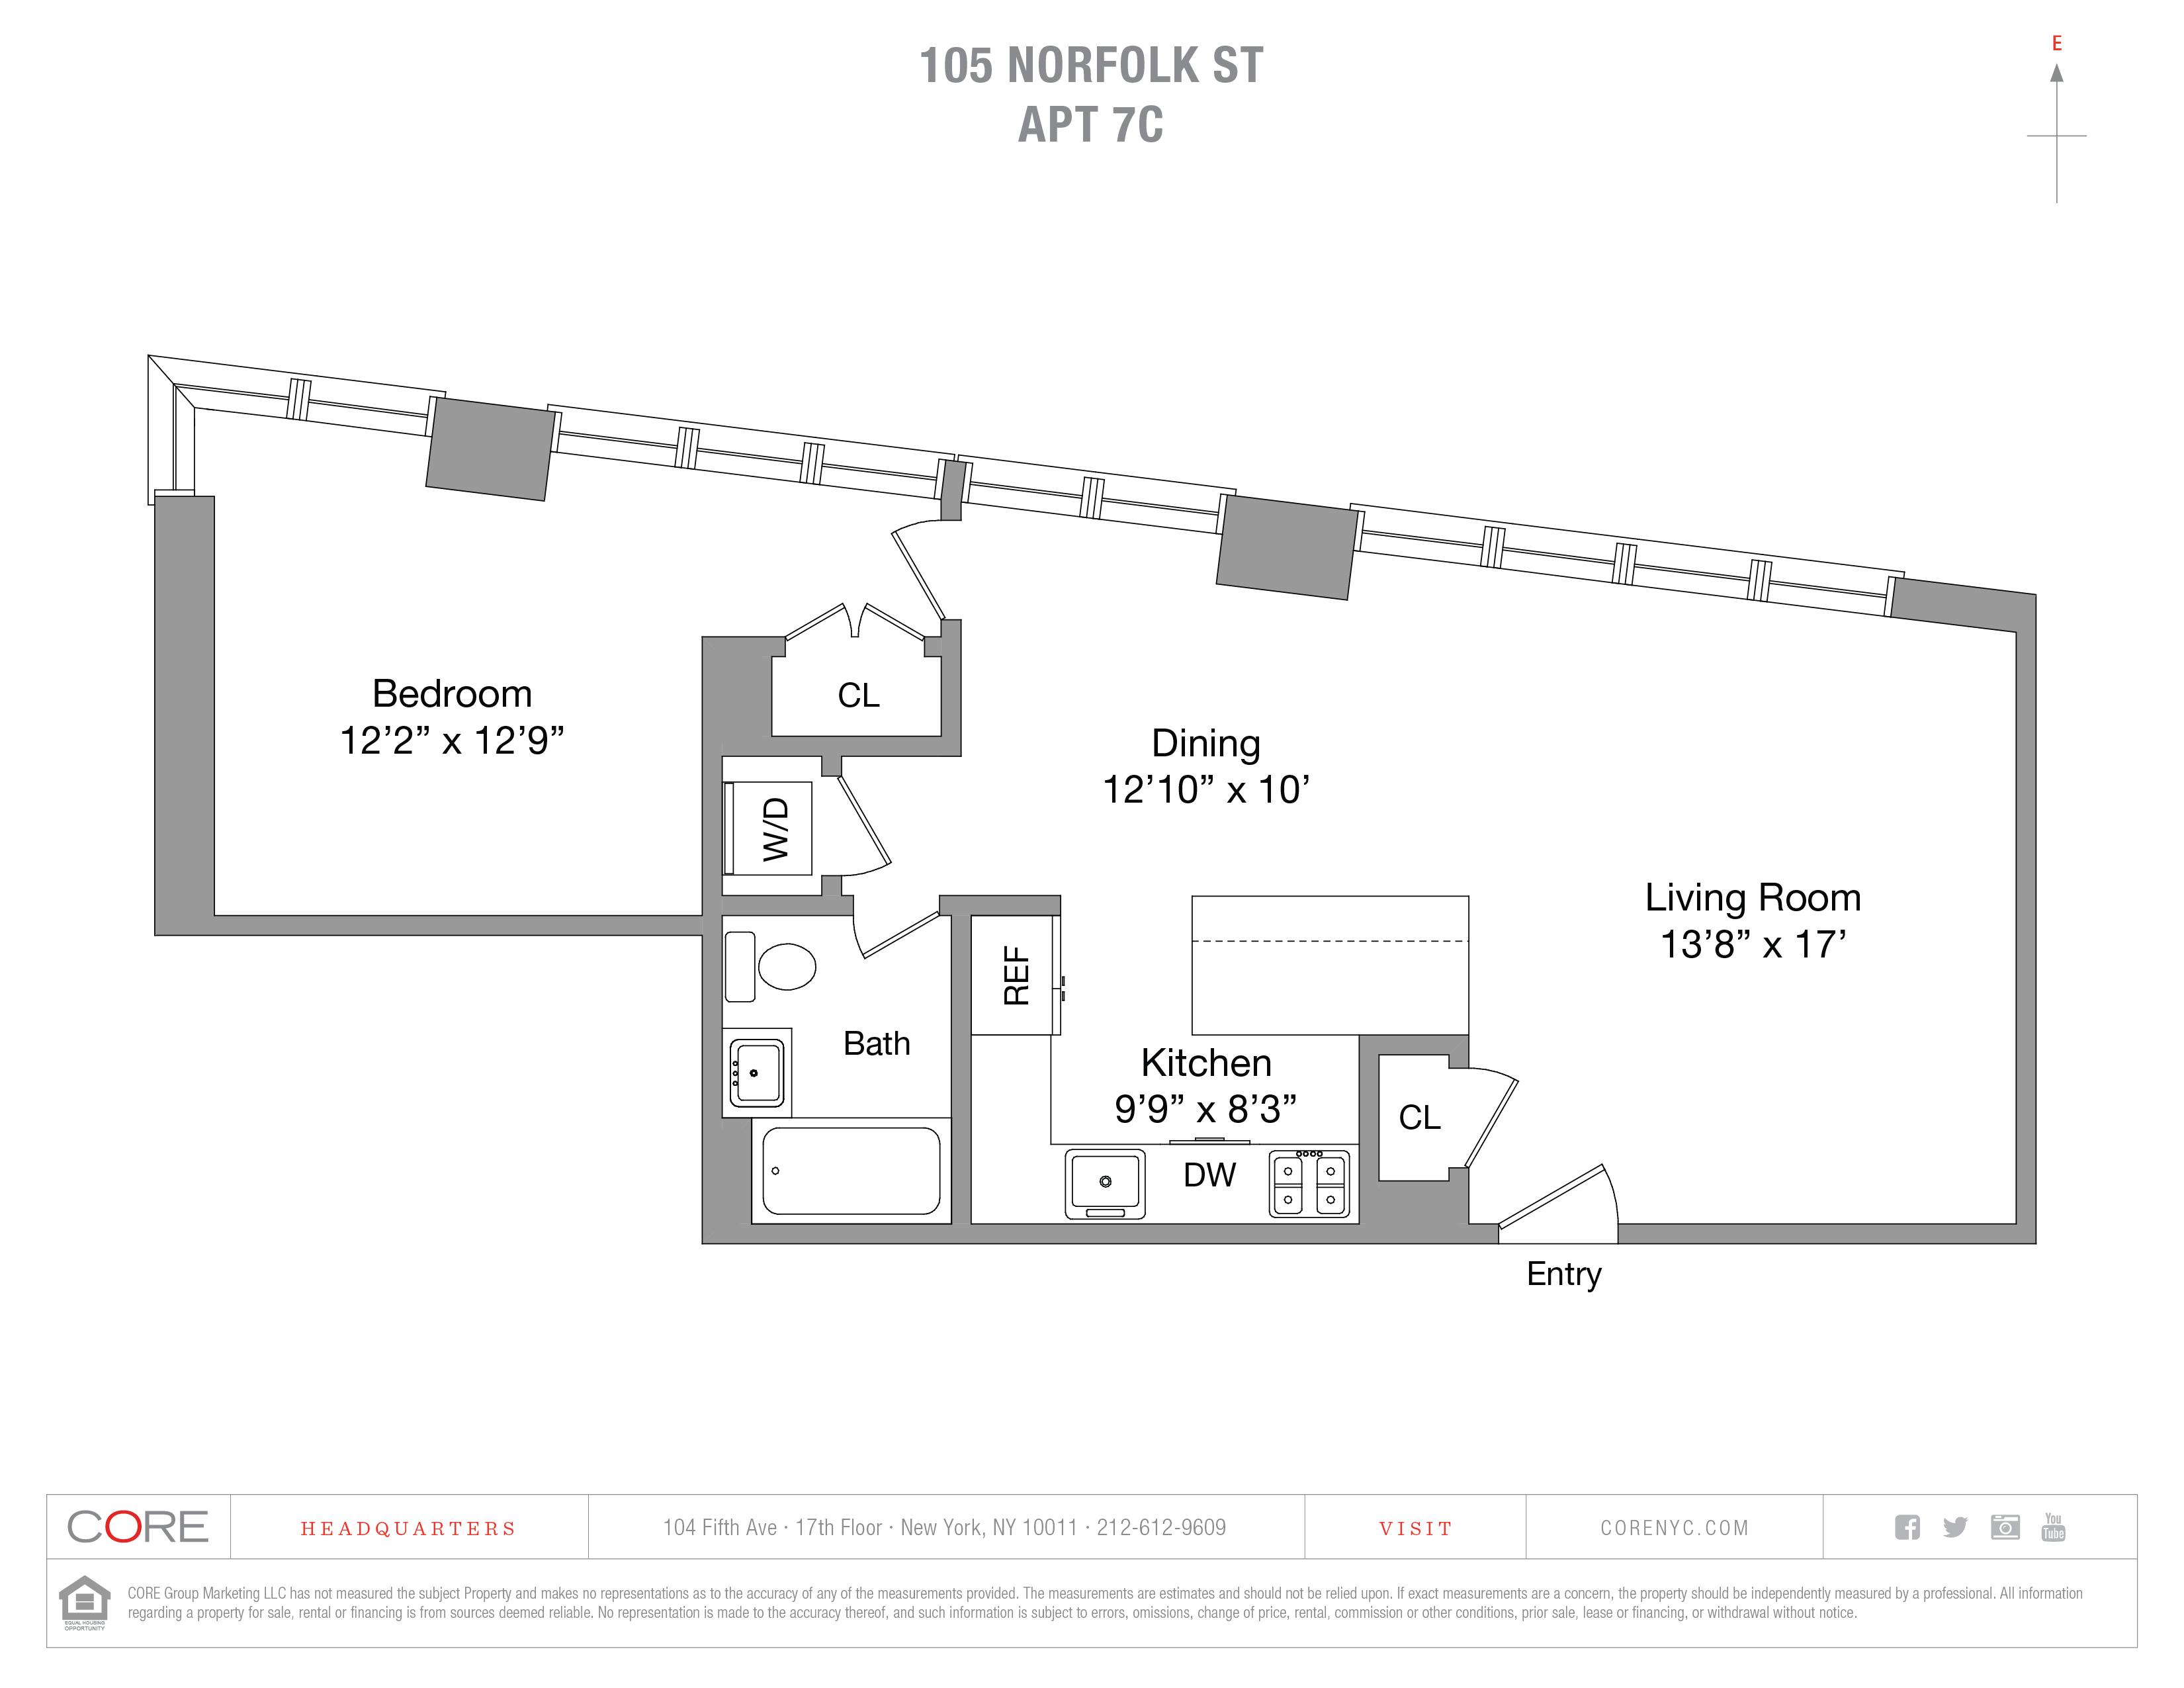 105 Norfolk St. 7C, New York, NY 10002